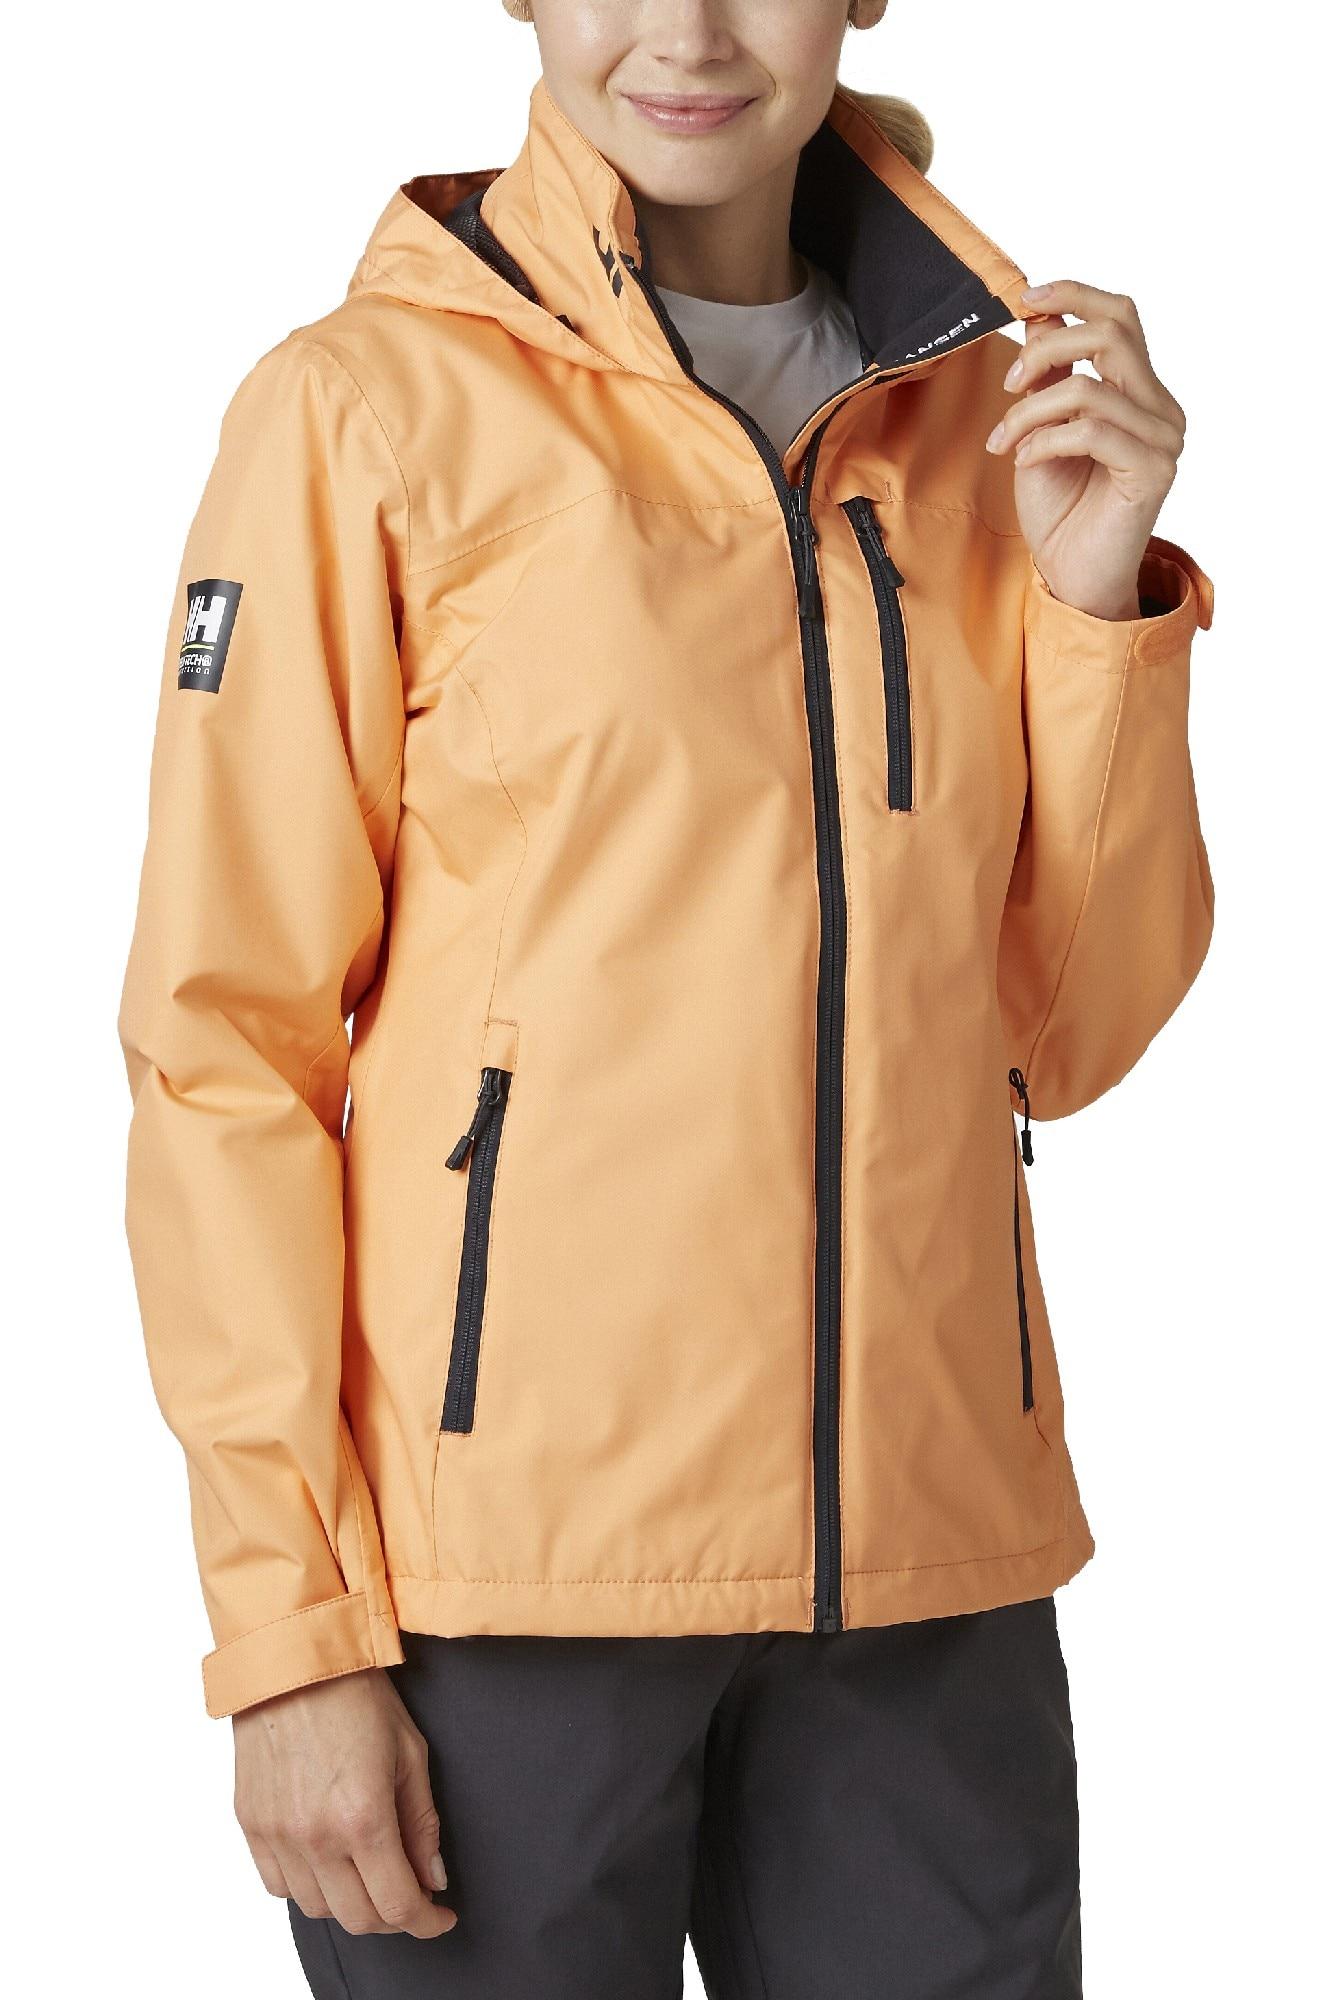 Helly Hansen W CREW HOODED JACKET női kapucnis dzseki